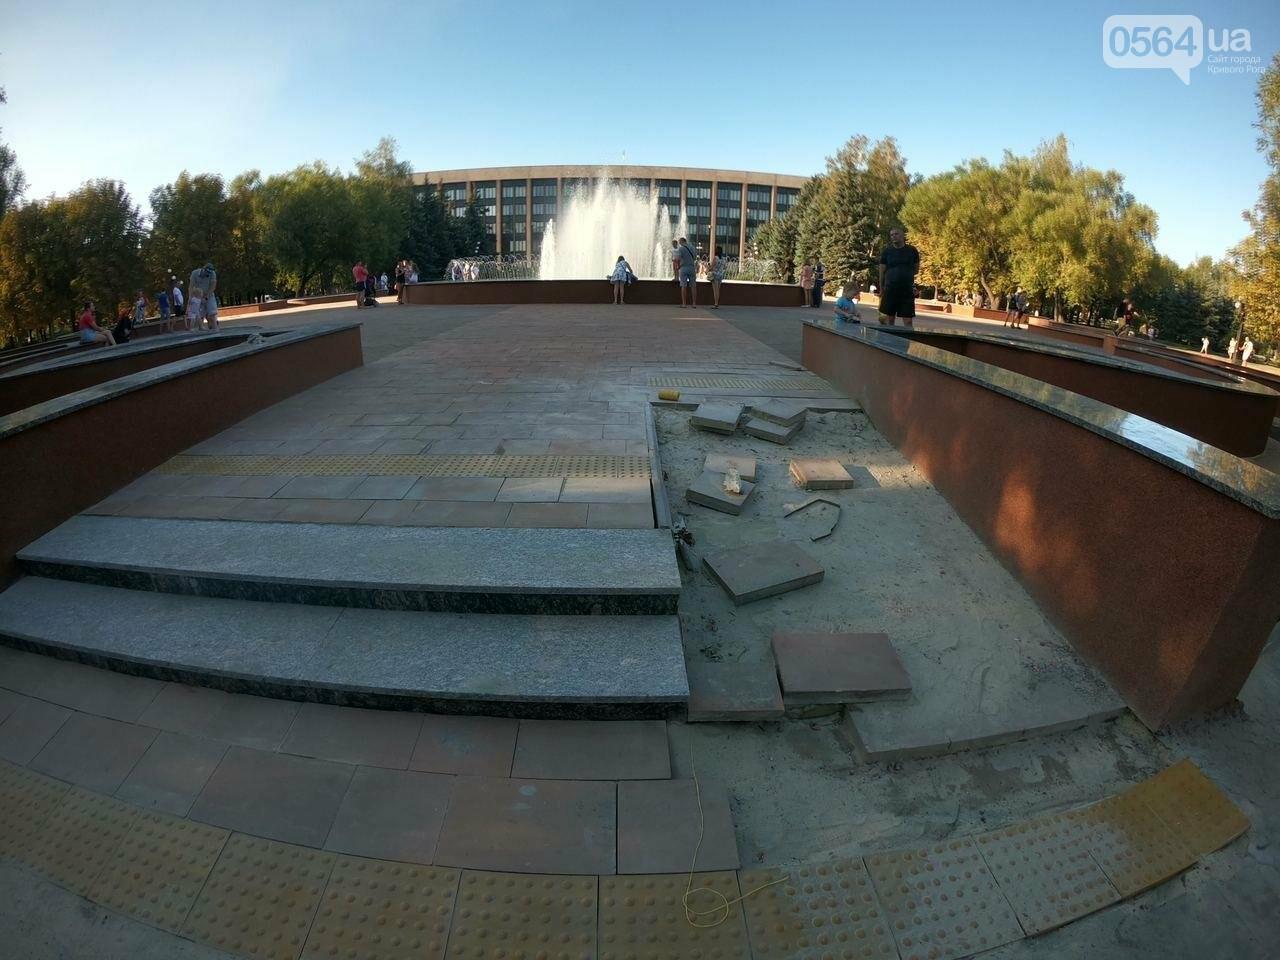 В Кривом Роге включили фонтан перед мэрией, - ФОТО, ВИДЕО , фото-27